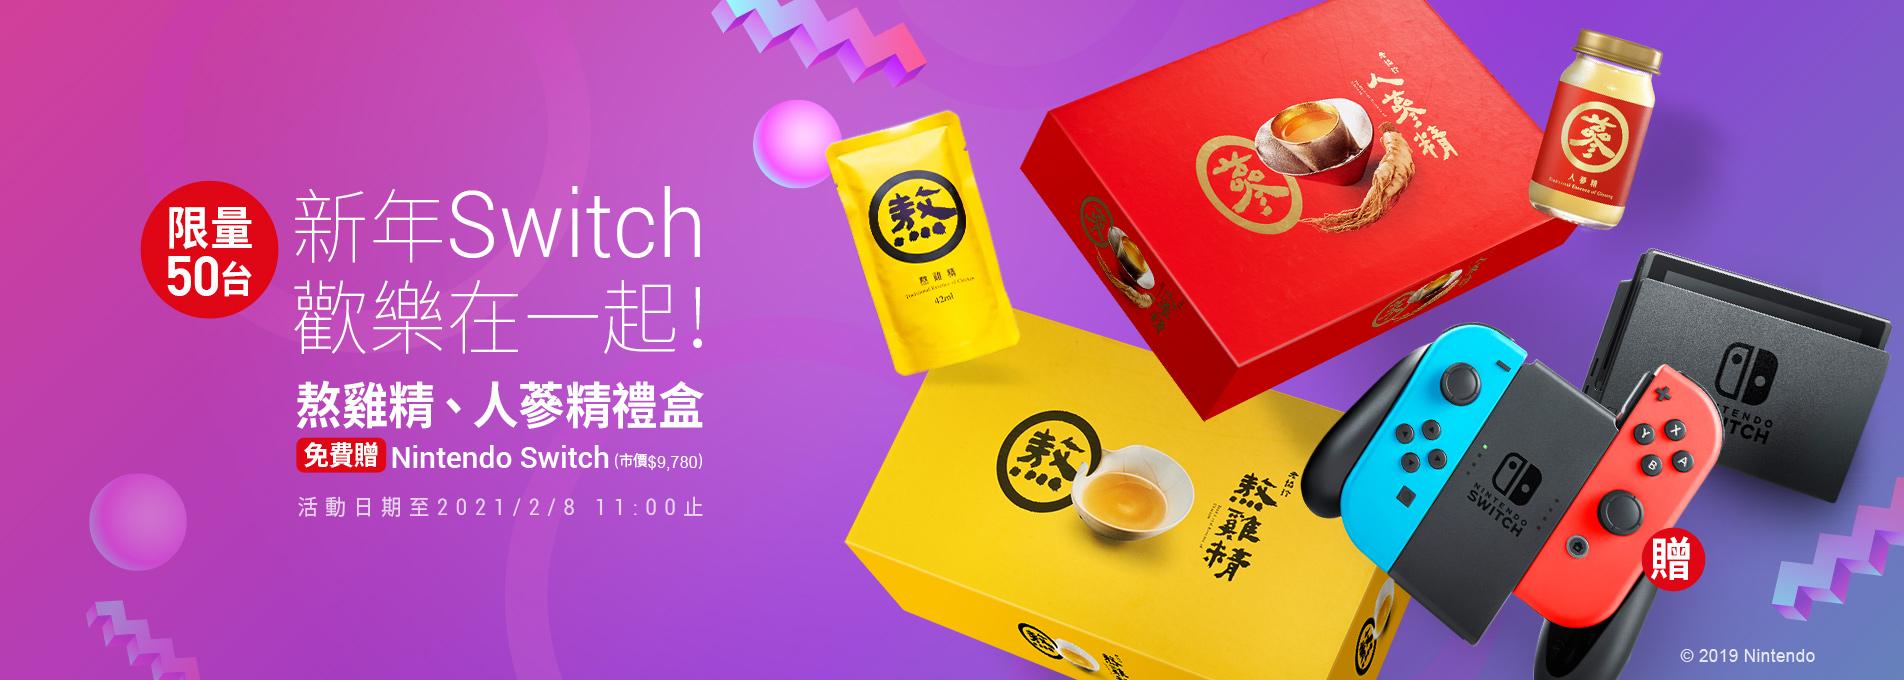 人蔘精禮盒(14入)8盒+人蔘精禮盒 麥蘆卡蜂蜜口味(14入)7盒